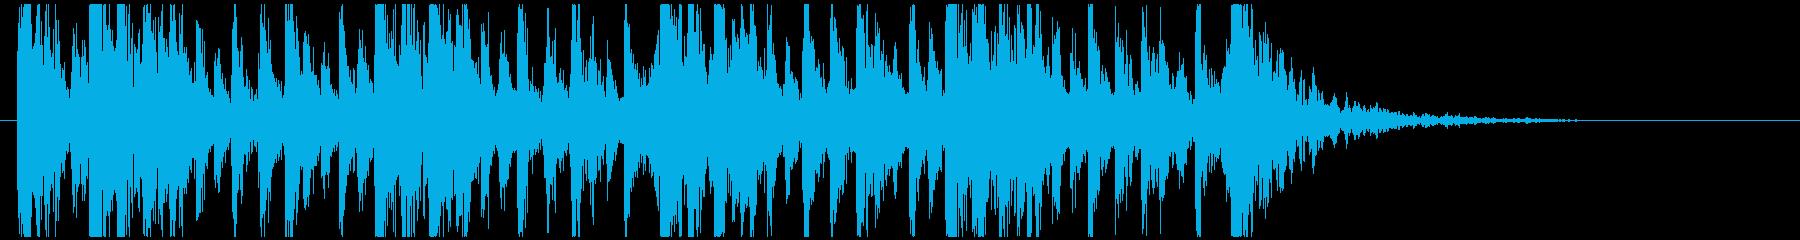 和太鼓のフレーズ1。残響ありの再生済みの波形